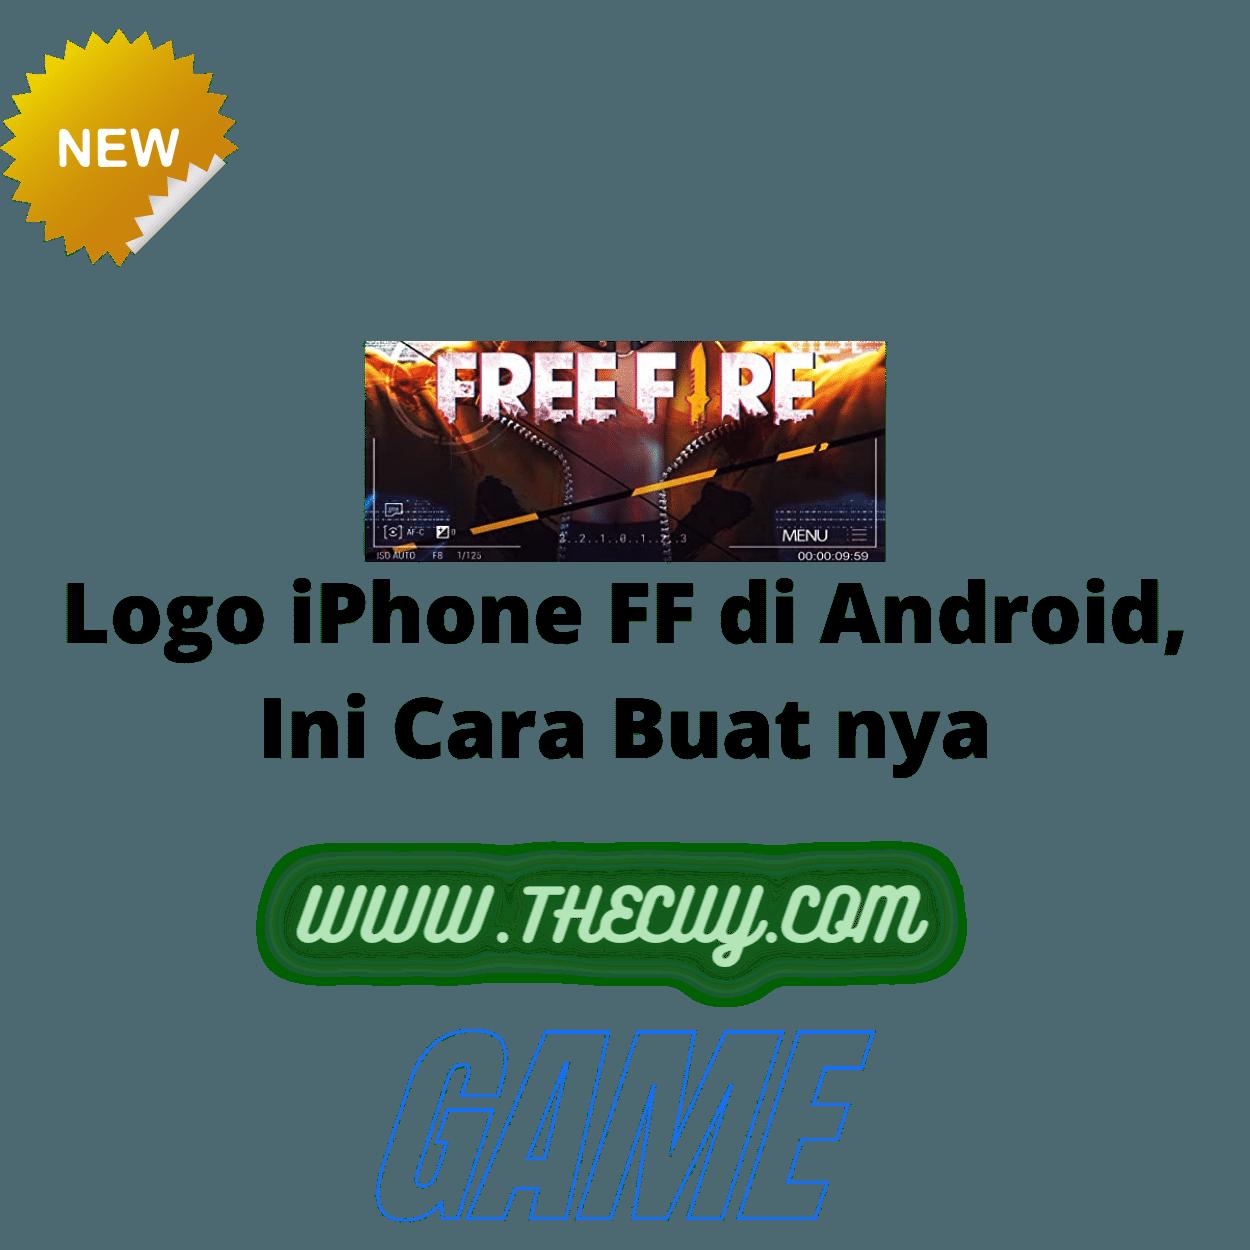 Logo iPhone FF di Android, Ini Cara Buat nya